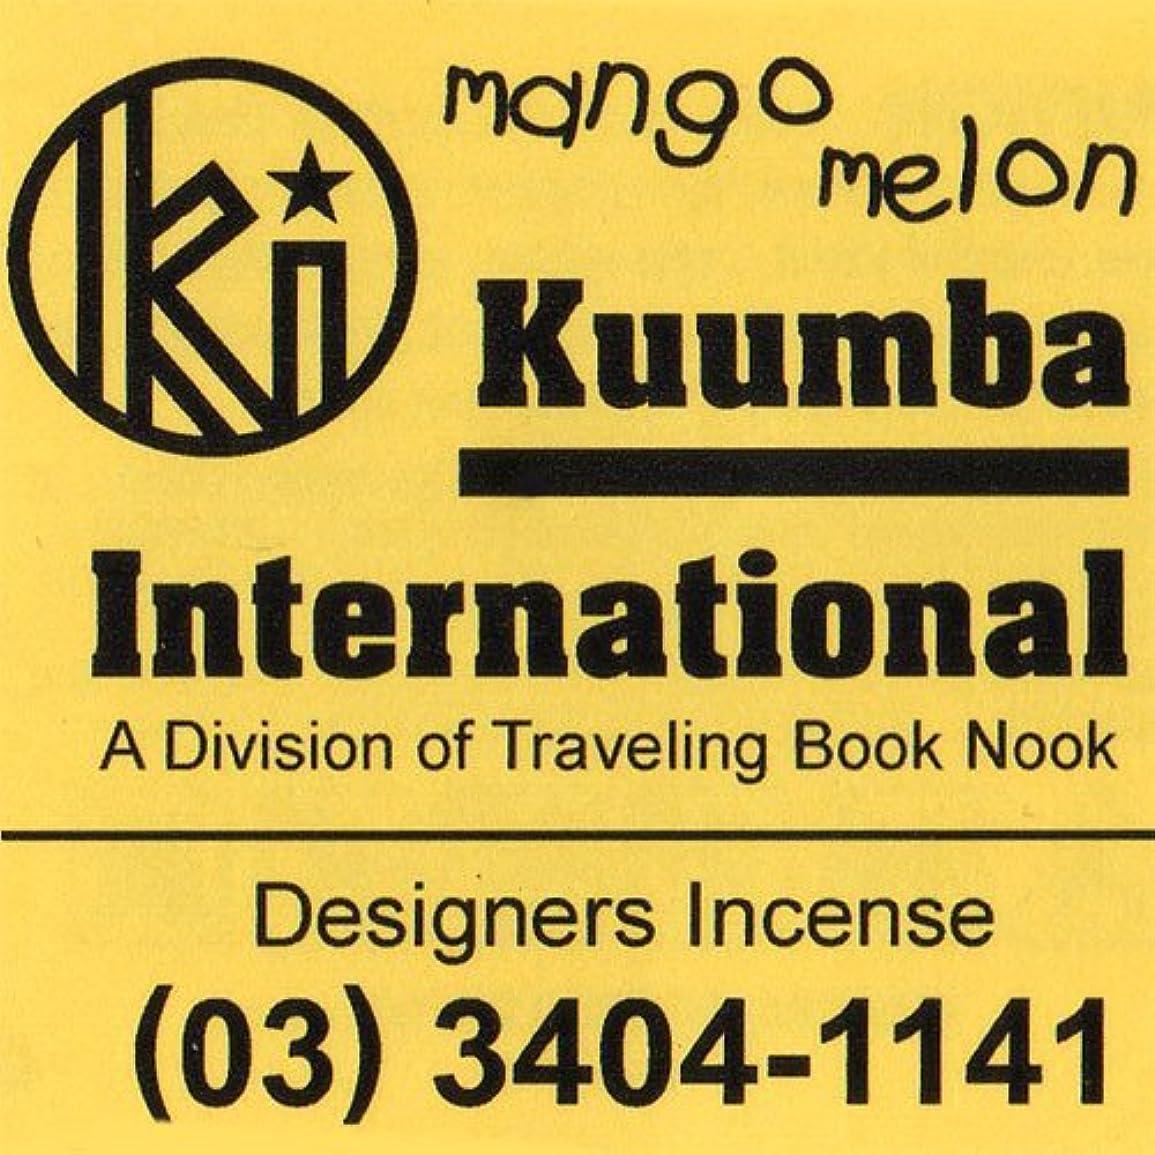 空洞死んでいる口径KUUMBA/クンバ『incense』(MANGO MELON) (Regular size)